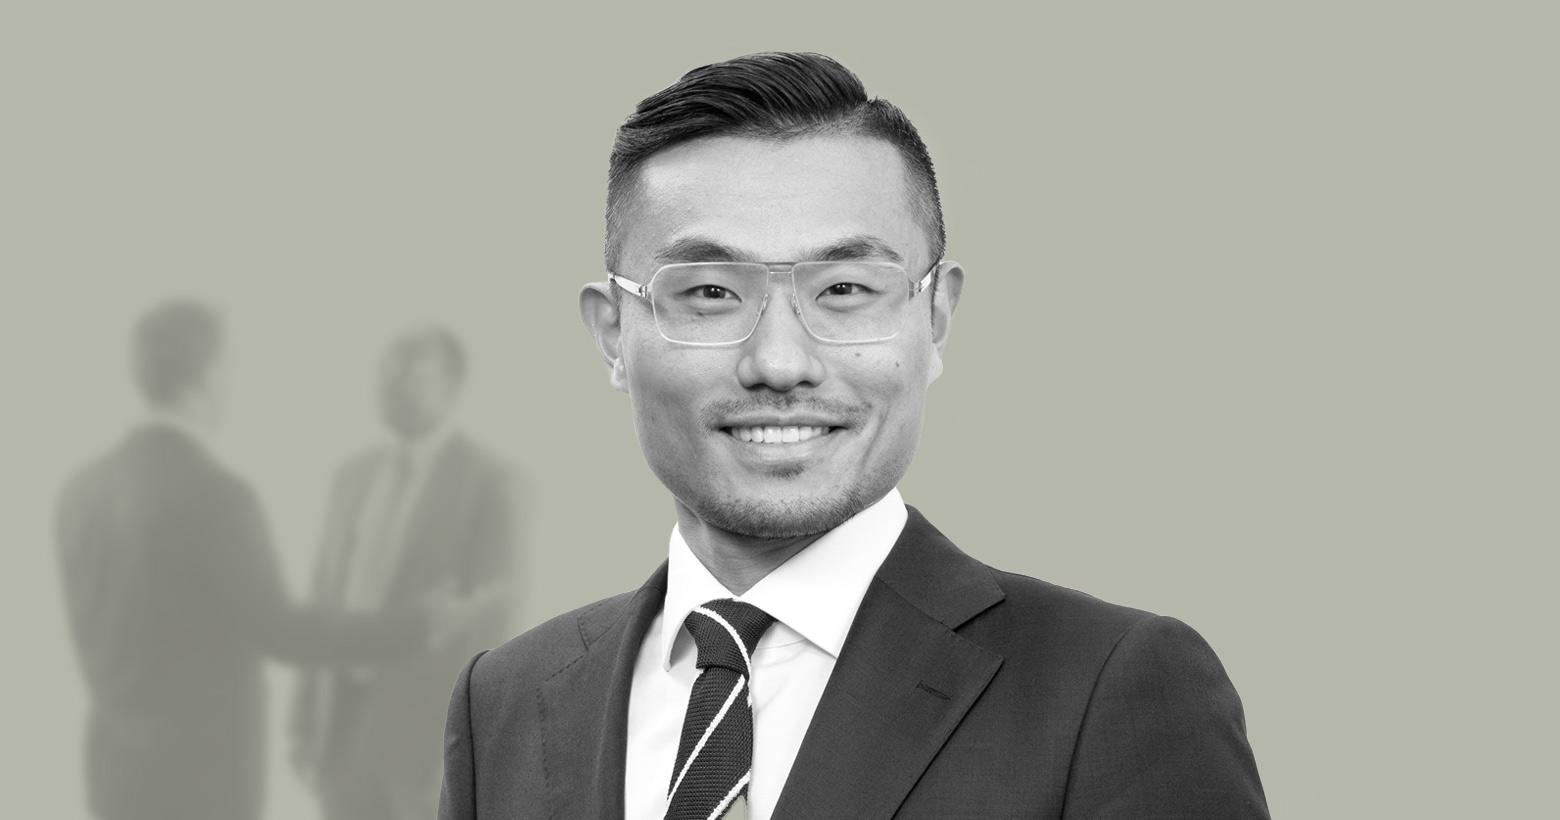 Zhouzhou (Max) Guo